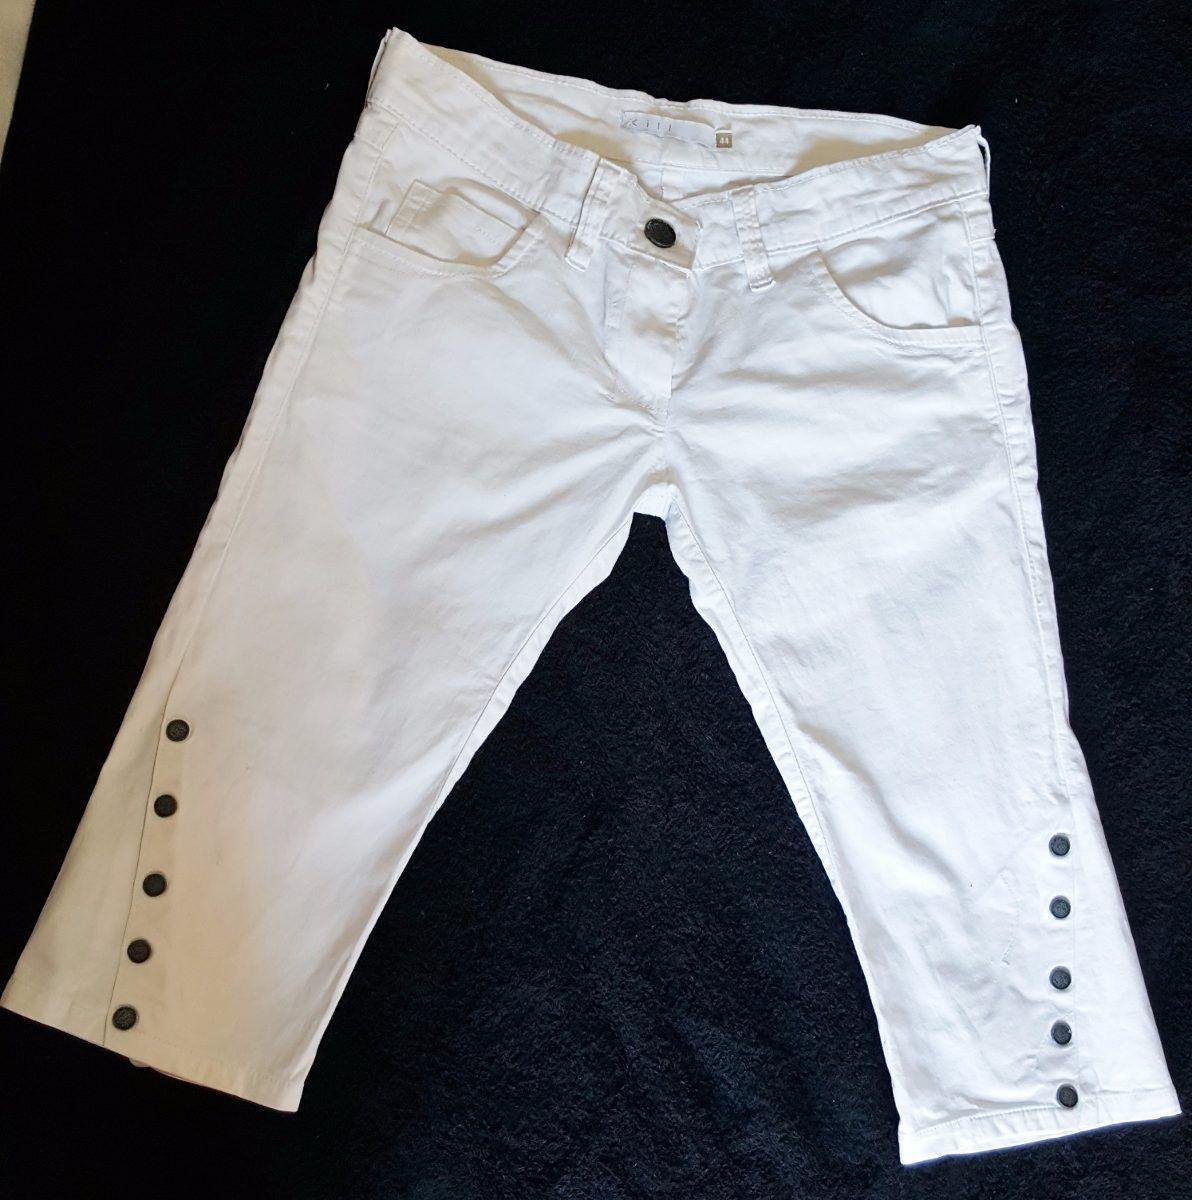 Pantalones Pescadores De Mujer Con Diseno Buscar Con Google Pantalones Bermudas De Mujer Pantalones Pescadores Pantalones Bermudas